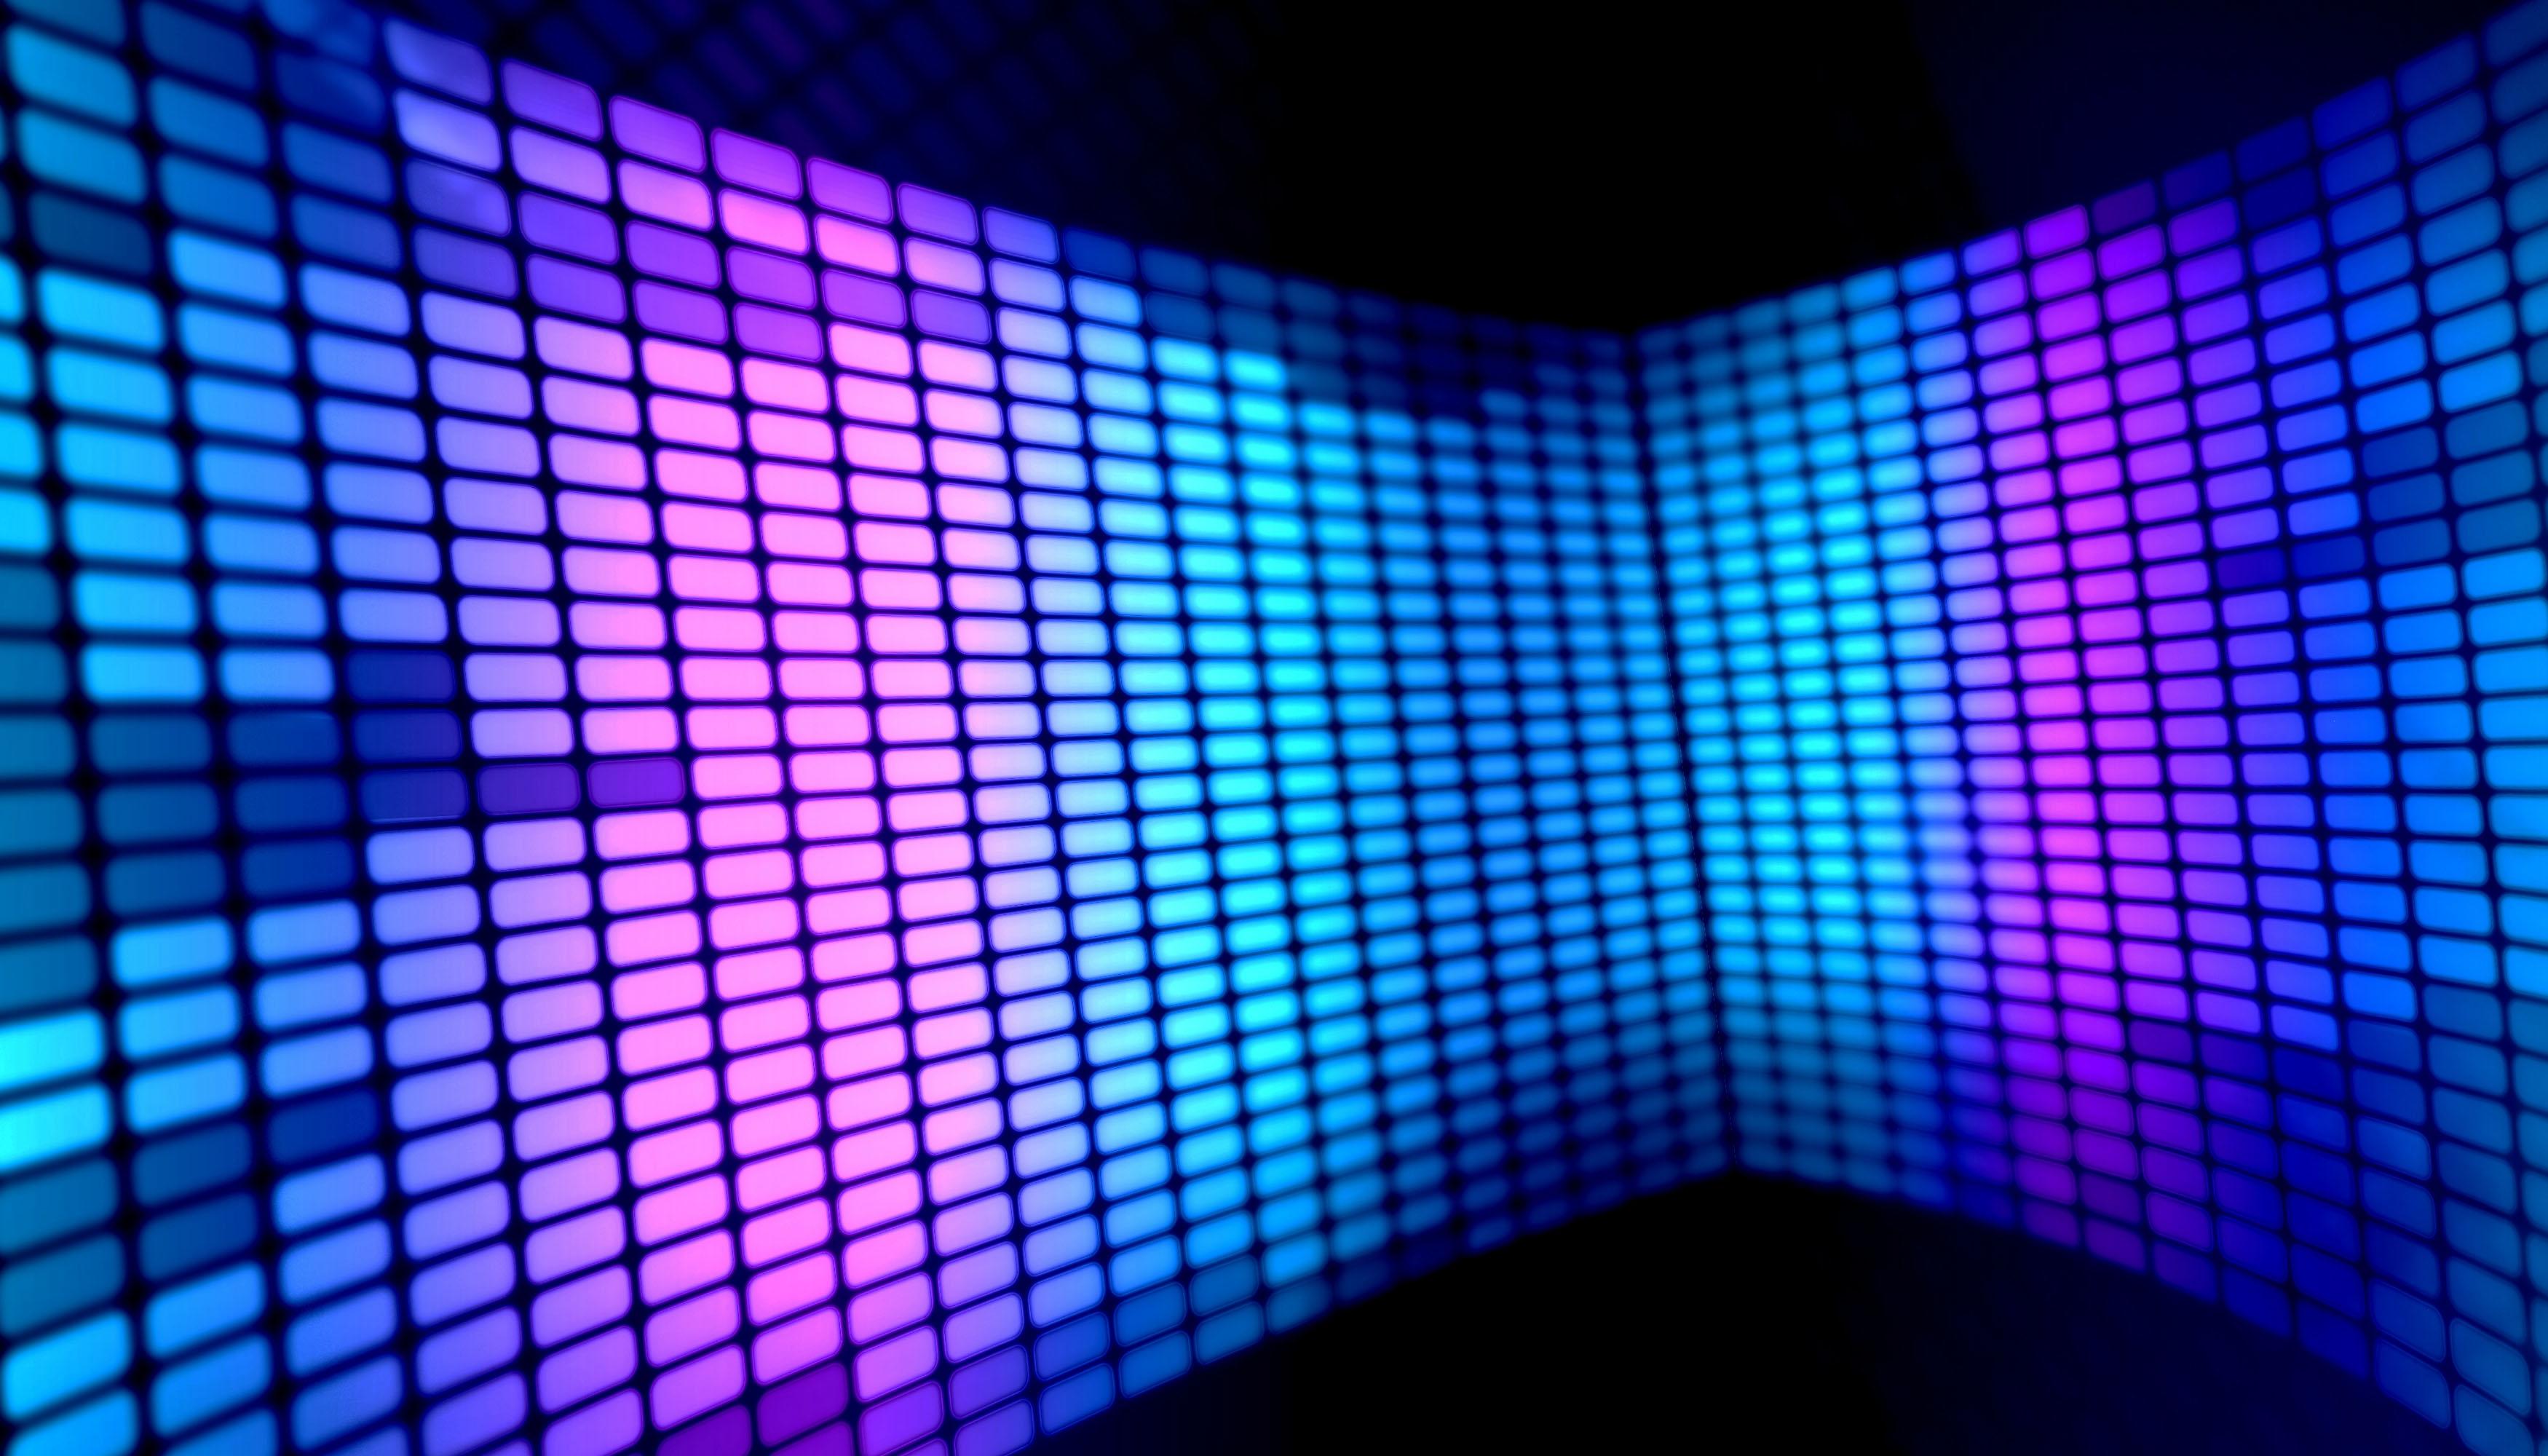 Disco Lights Wallpaper Wallpapersafari